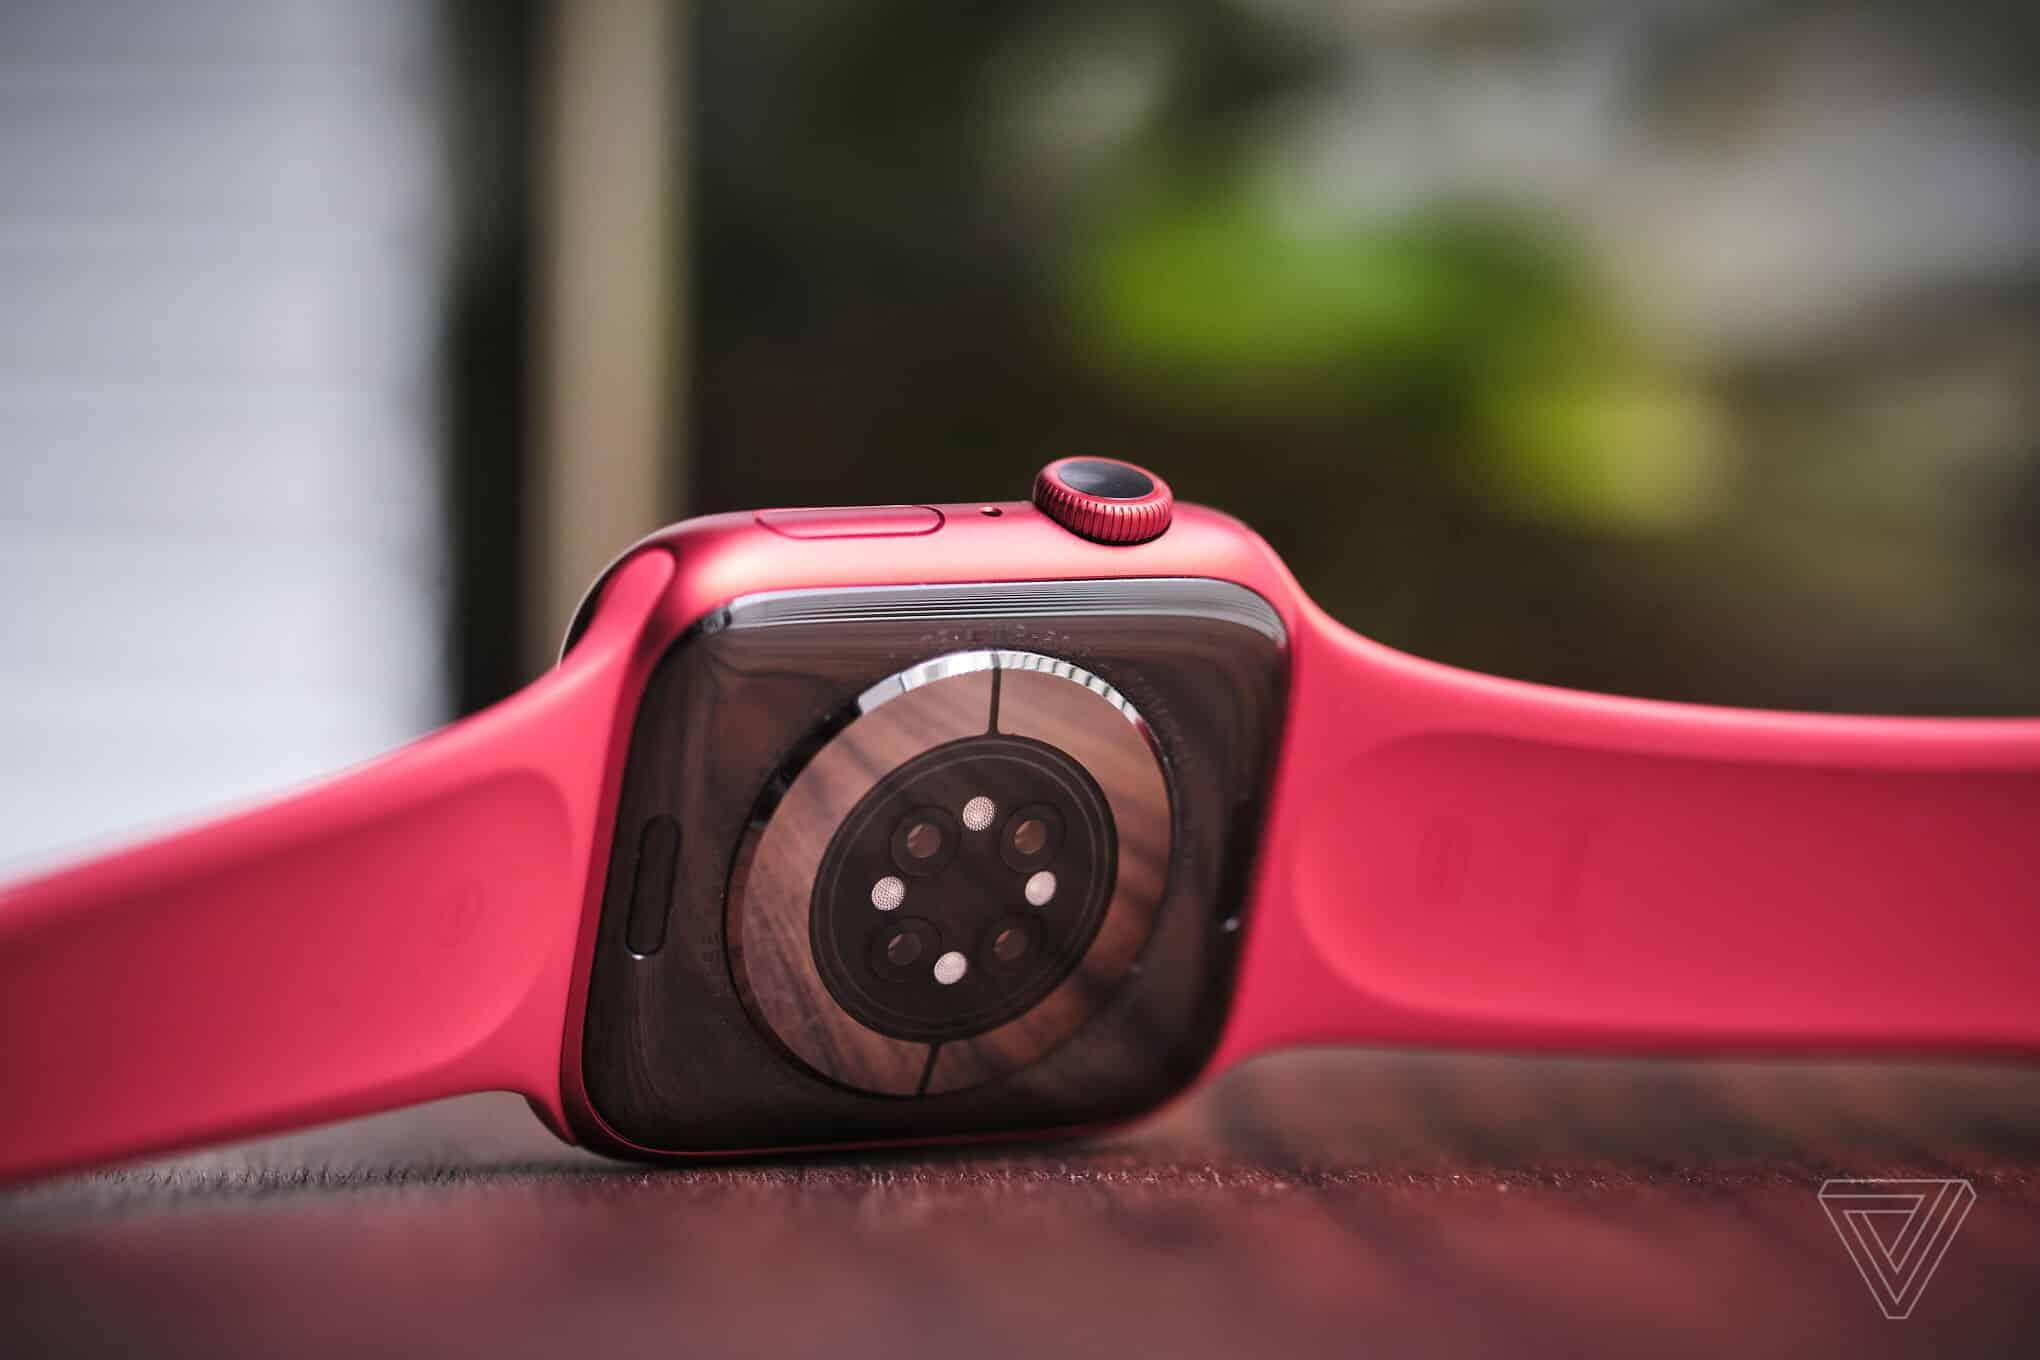 Đồng hồ Apple Watch Series 6 44mm (White) được trang bị chip Apple S6 mạnh mẽ